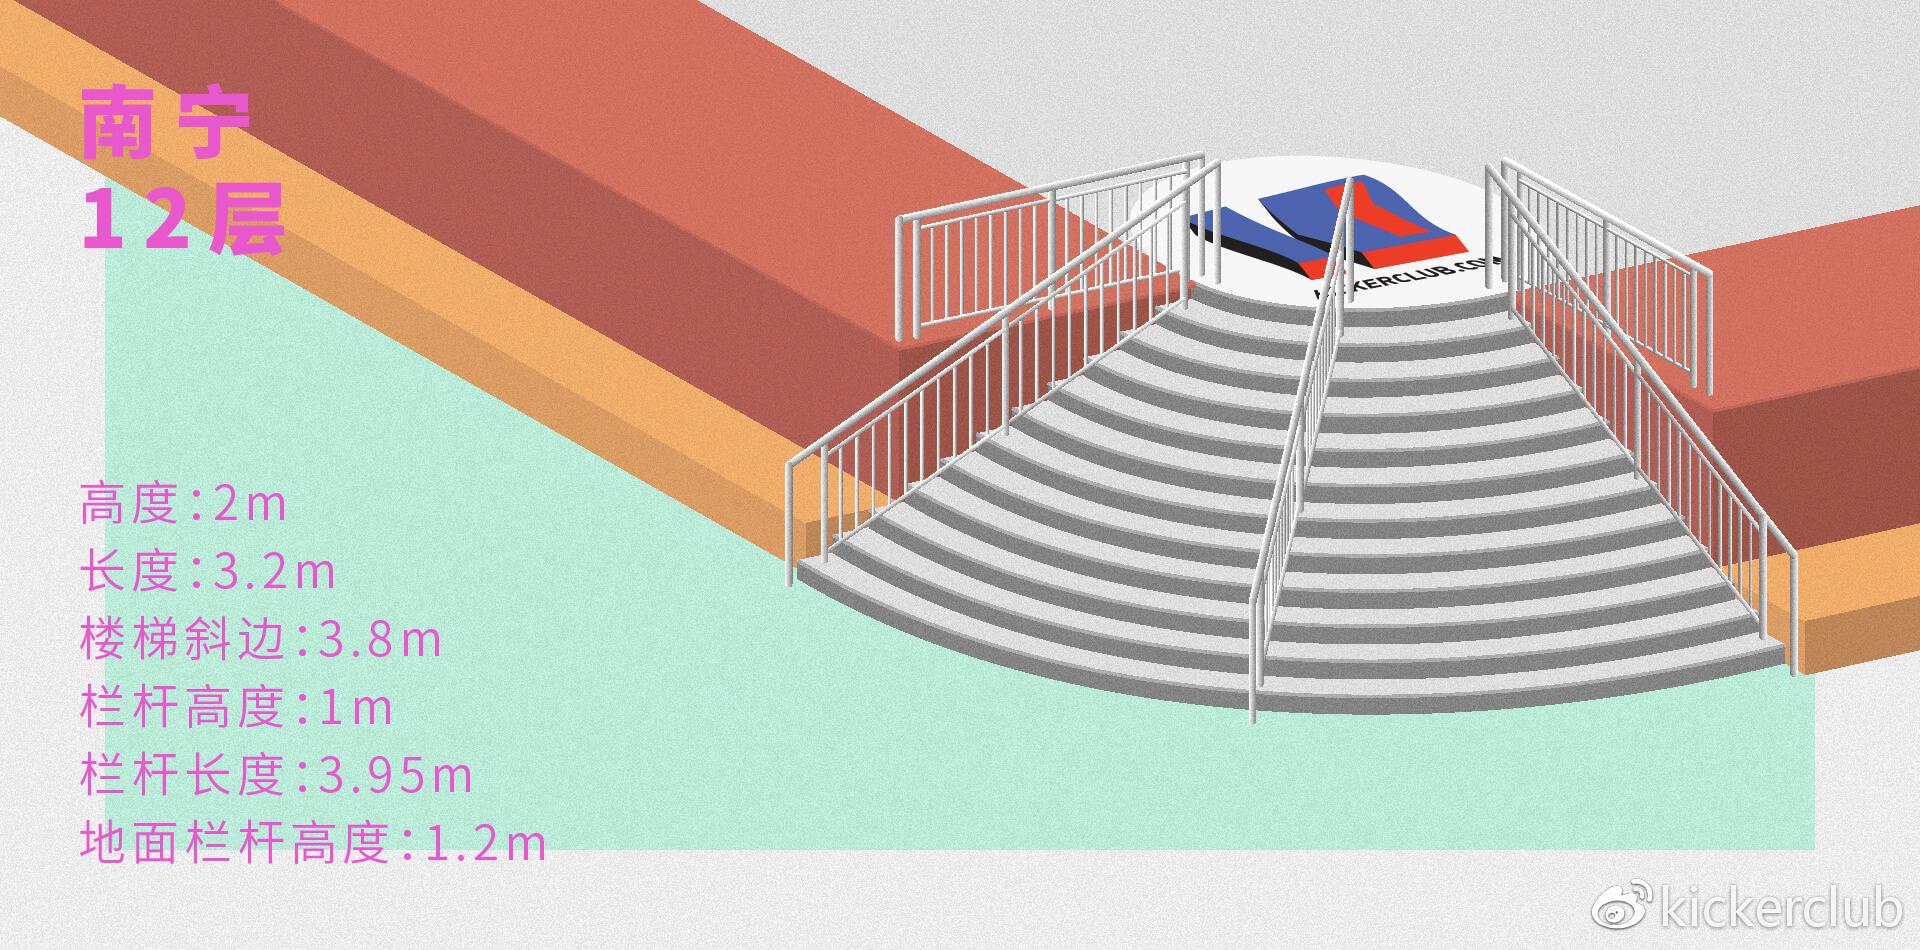 (地形数据:高:2m 长度:3.2m 栏杆长度:3.95m 地面栏杆高度:1.2m)